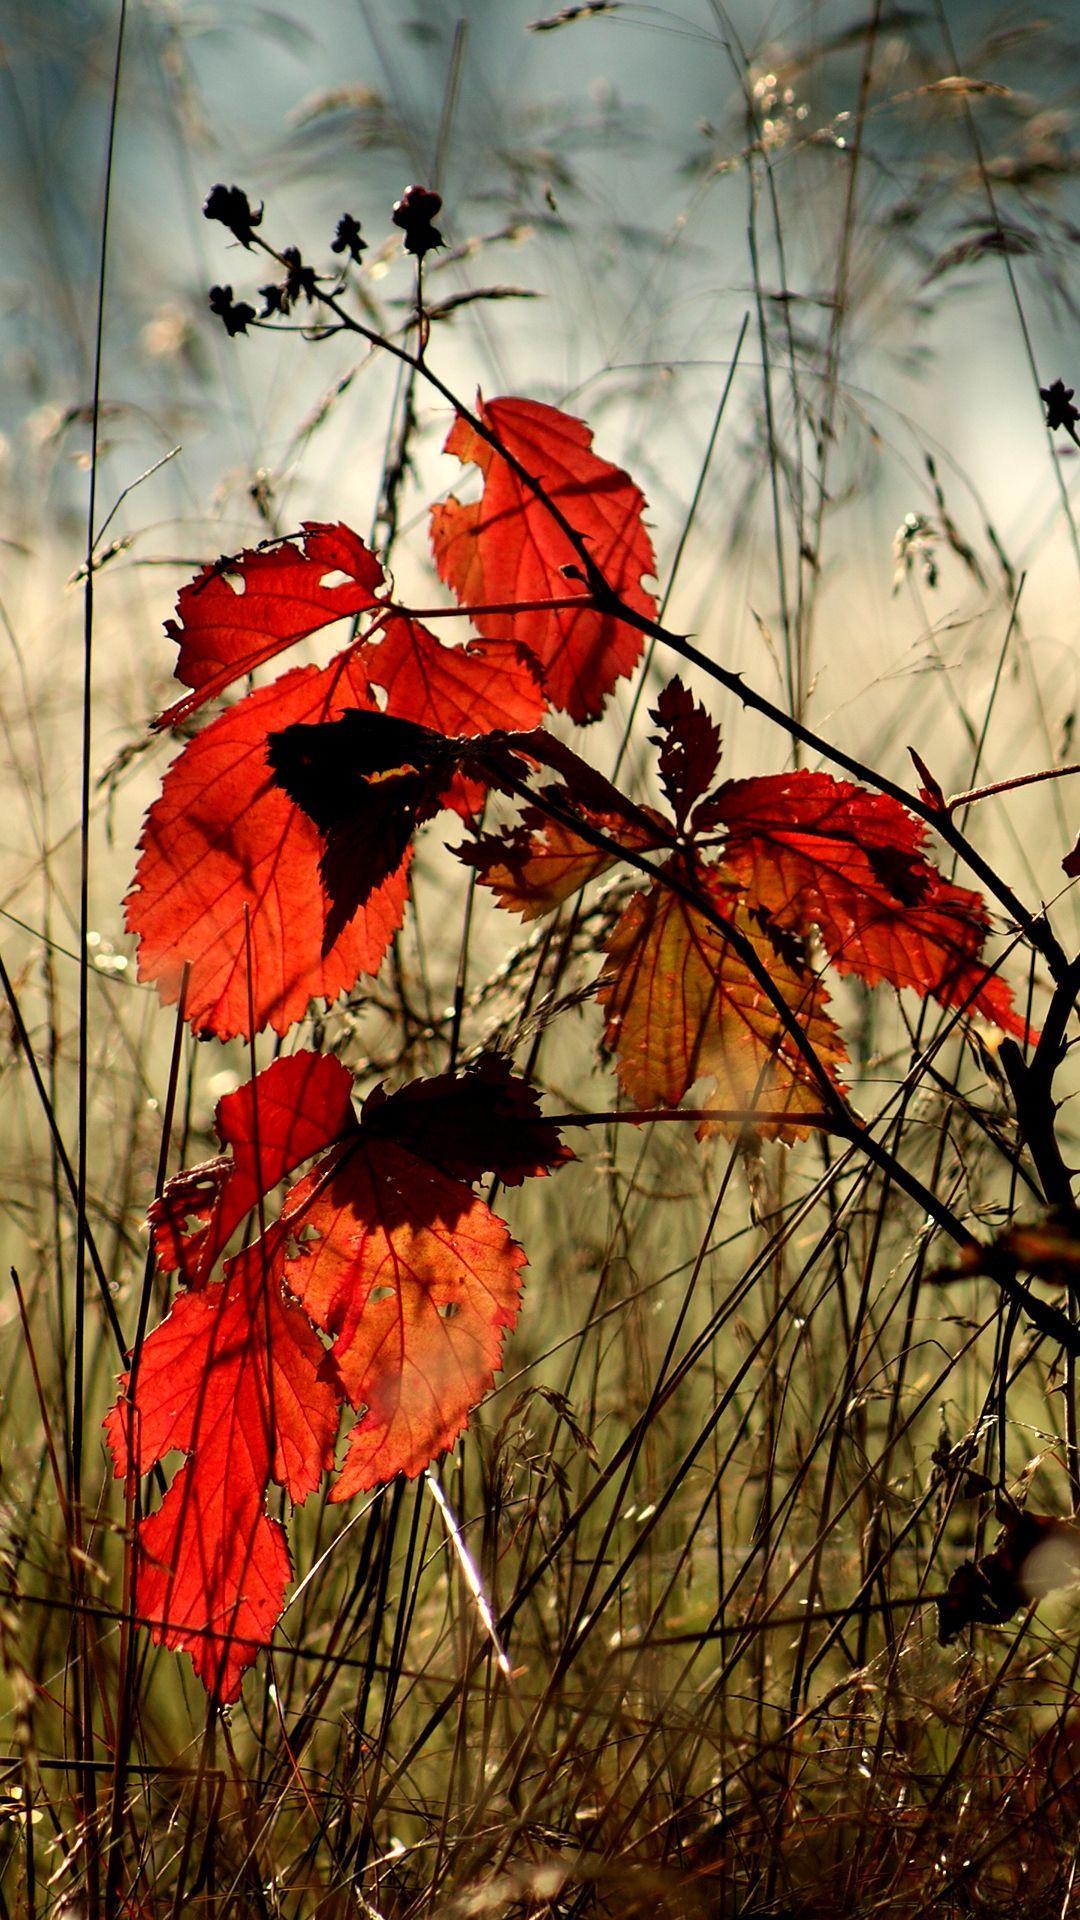 Hình nền điện thoại 1080x1920 Autumn Leaves - Hình nền điện thoại mùa thu HD